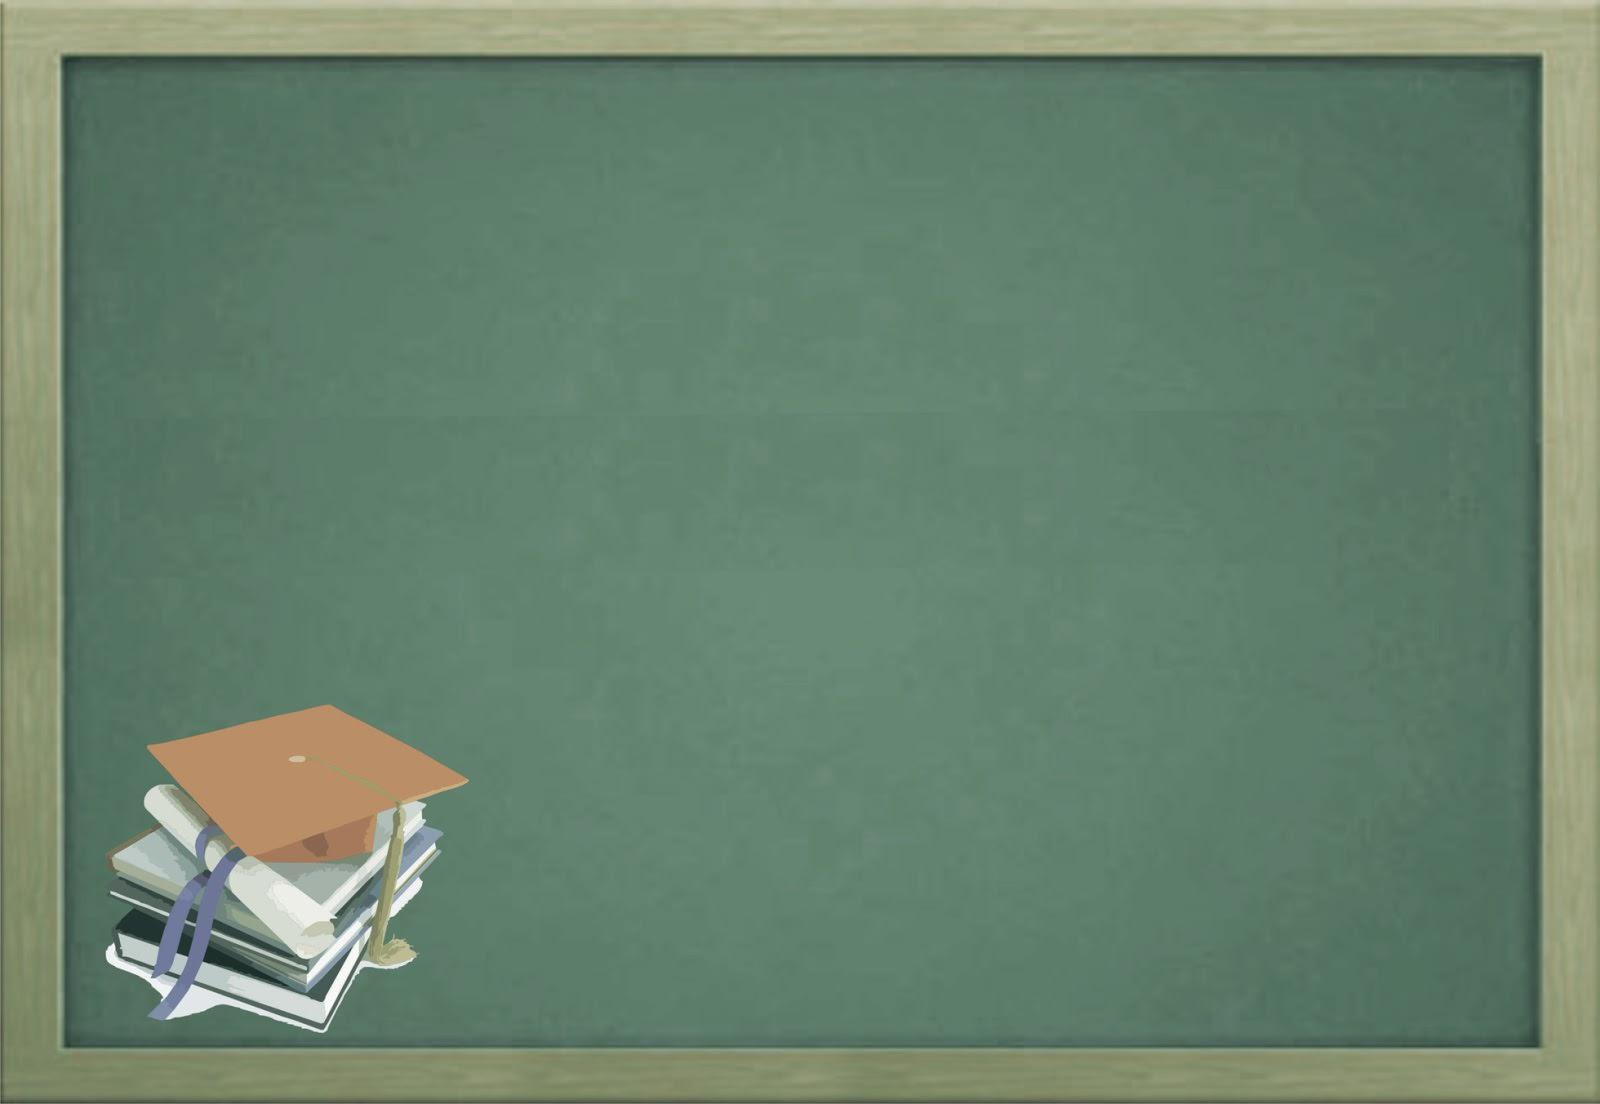 Hình Nền Powerpoint đơn Giản